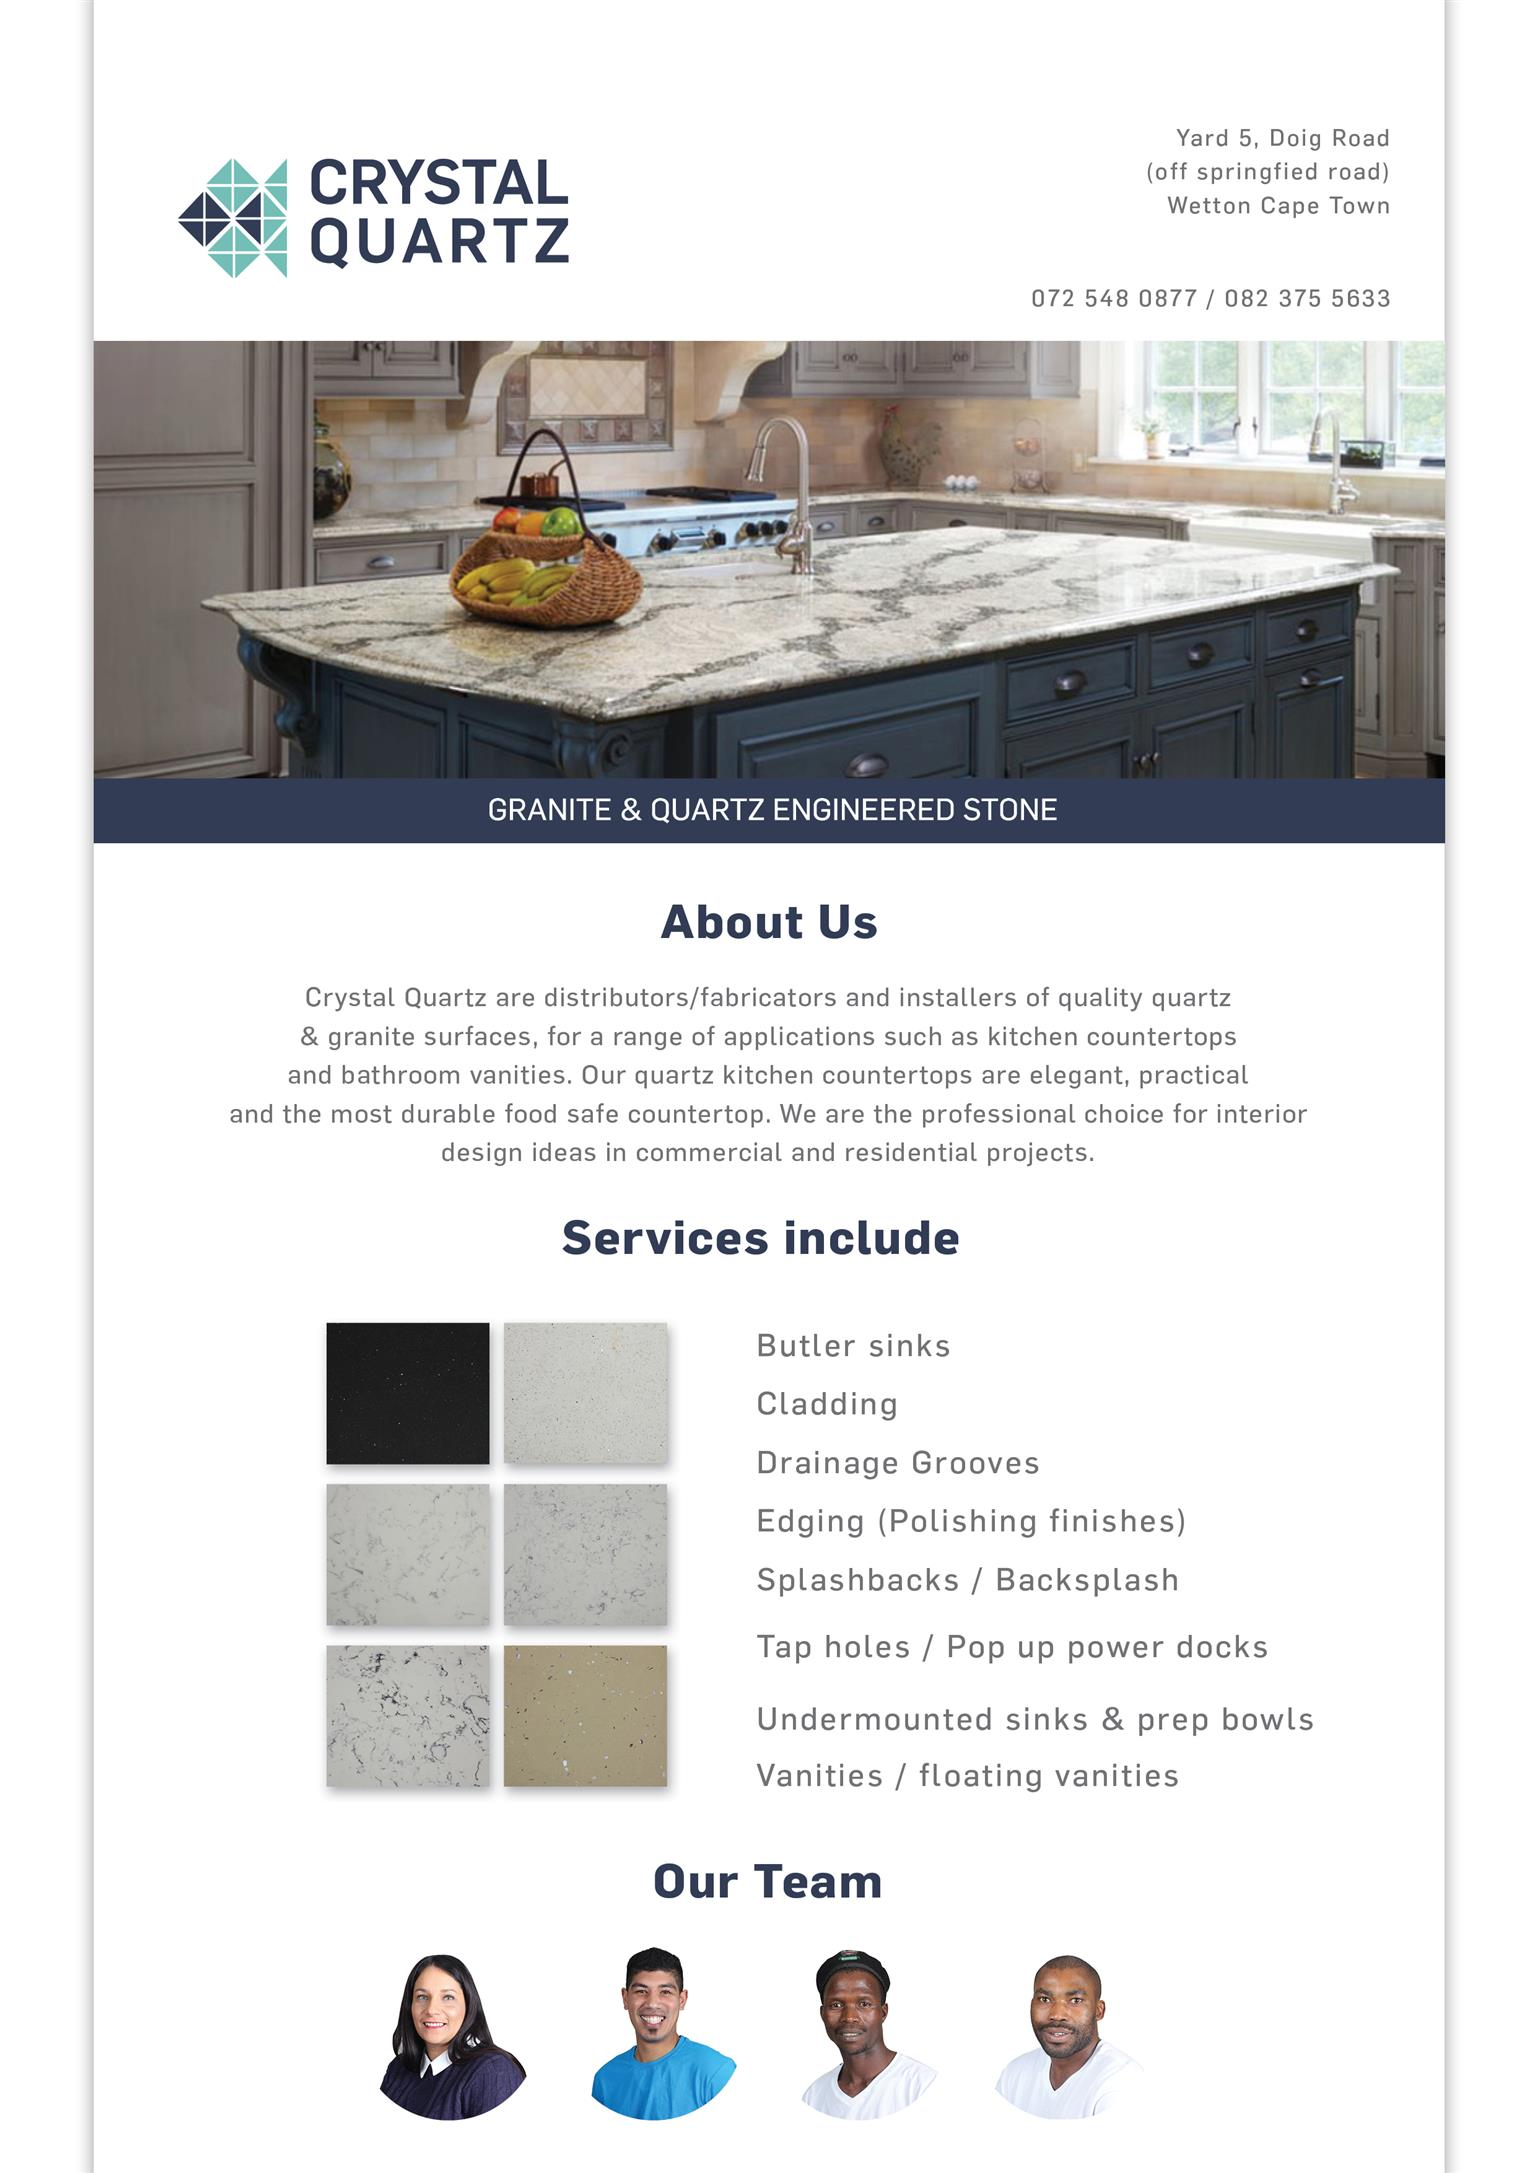 Granite & Quartz Countertops from R1320 per linear - includes installation...